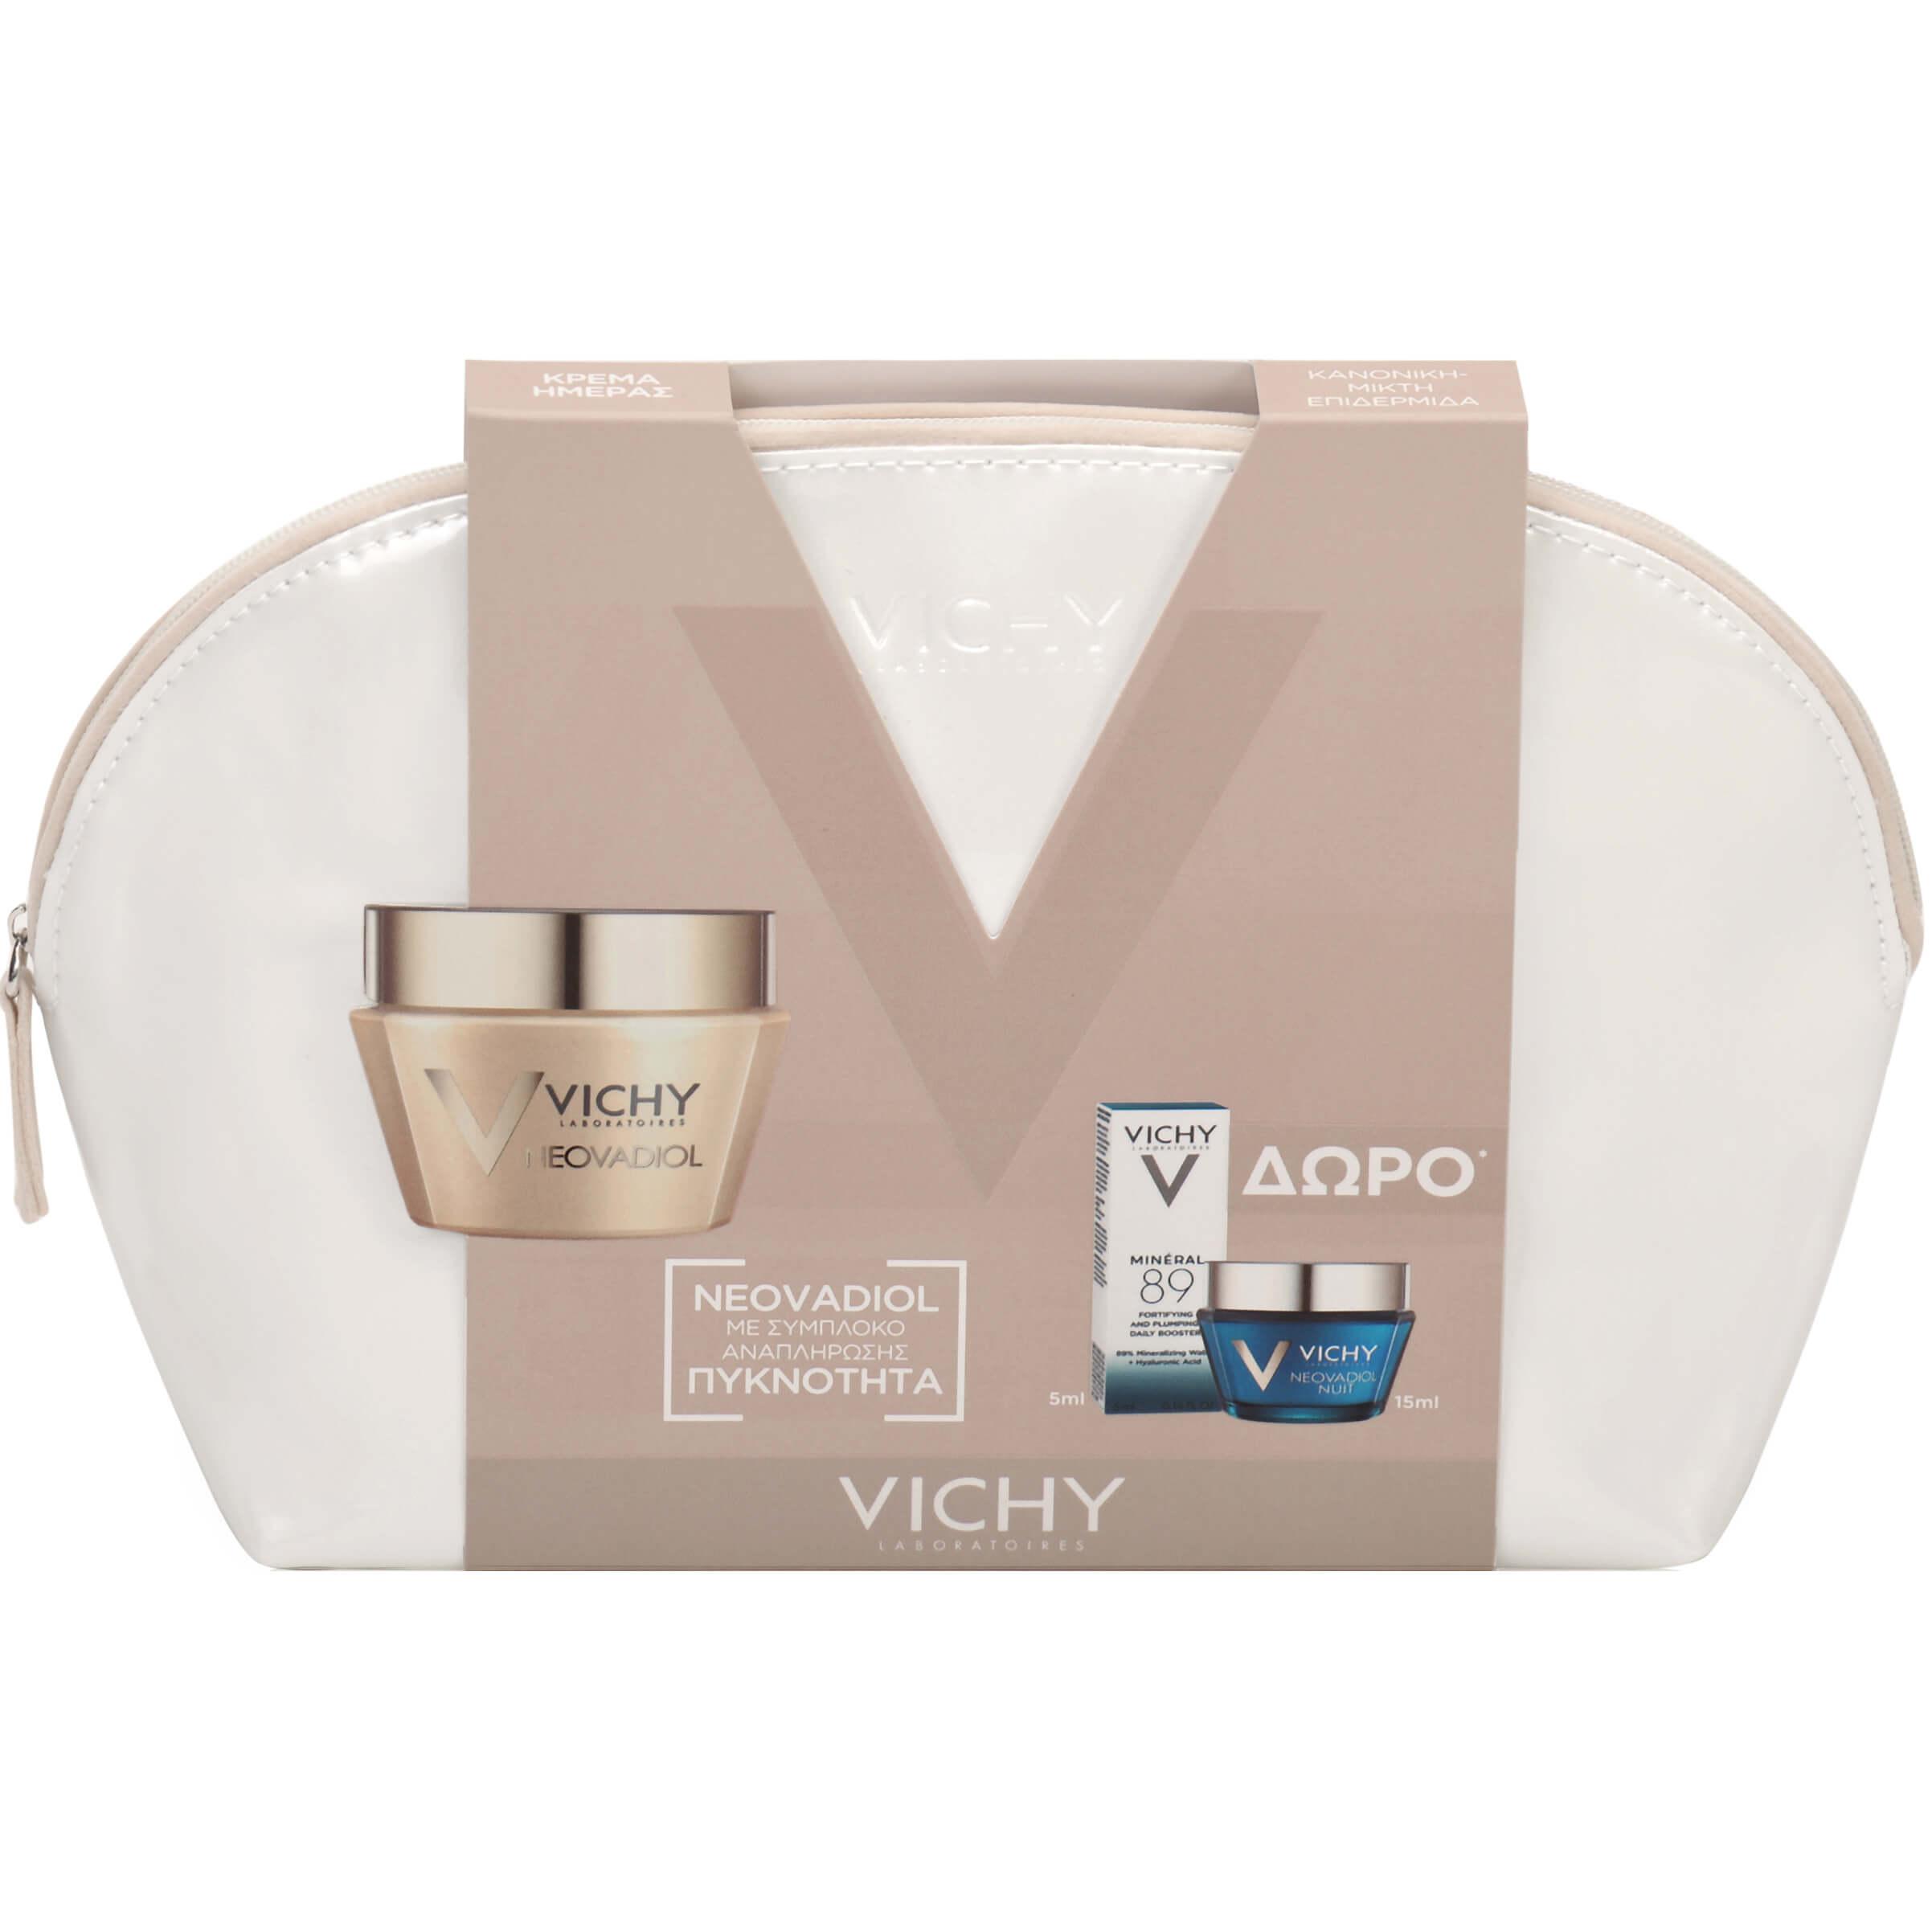 Vichy Πακέτο Προσφοράς Neovadiol Κρέμα Ημέρας για Κανονικές-Μικτές 50ml & Δώρο Neovadiol Nuit 15ml & Mineral 89 Booster 5ml